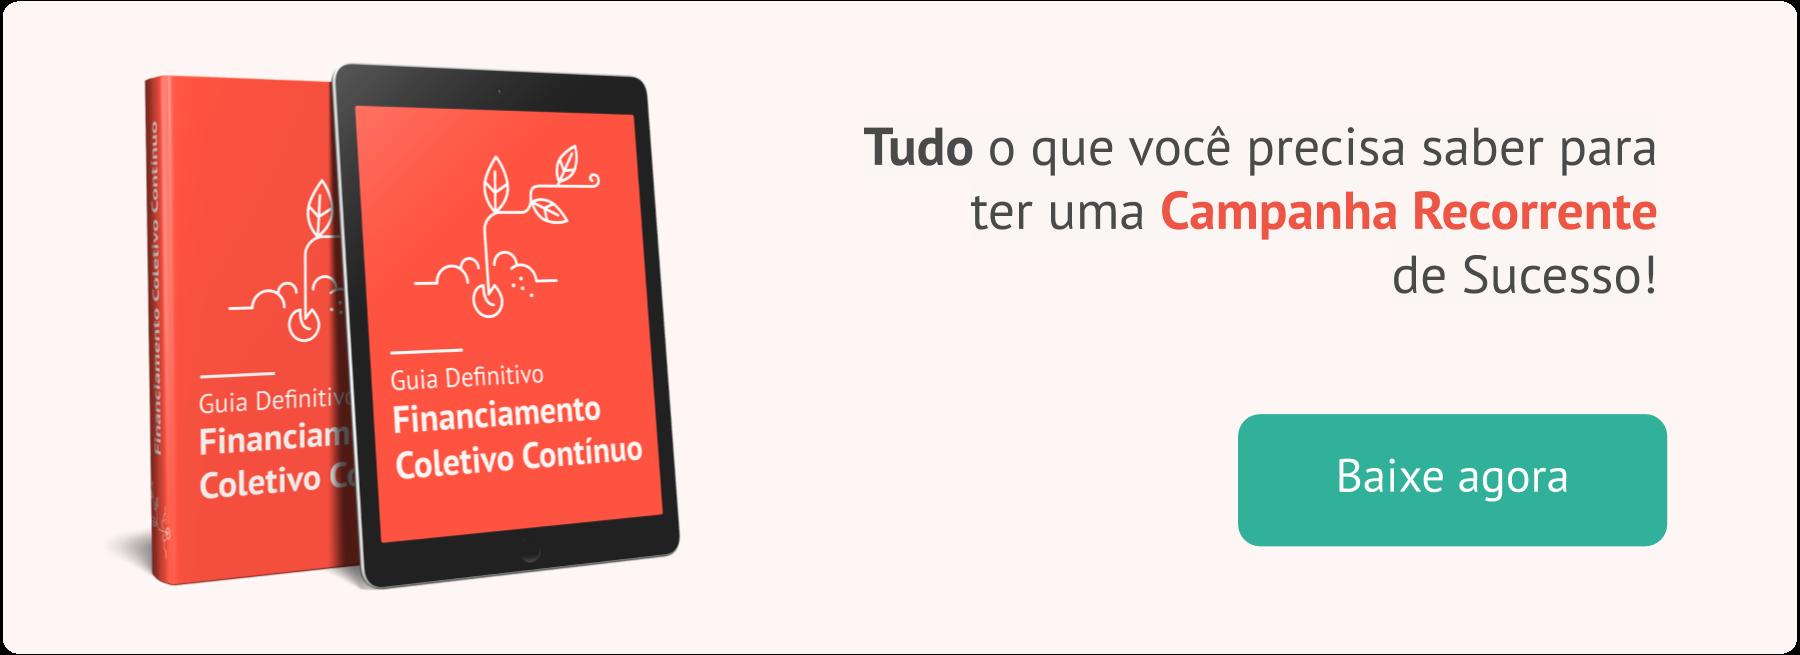 Blog-APOIA.se-Guia-do-Financiamento-Coletivo-Recorrente-3